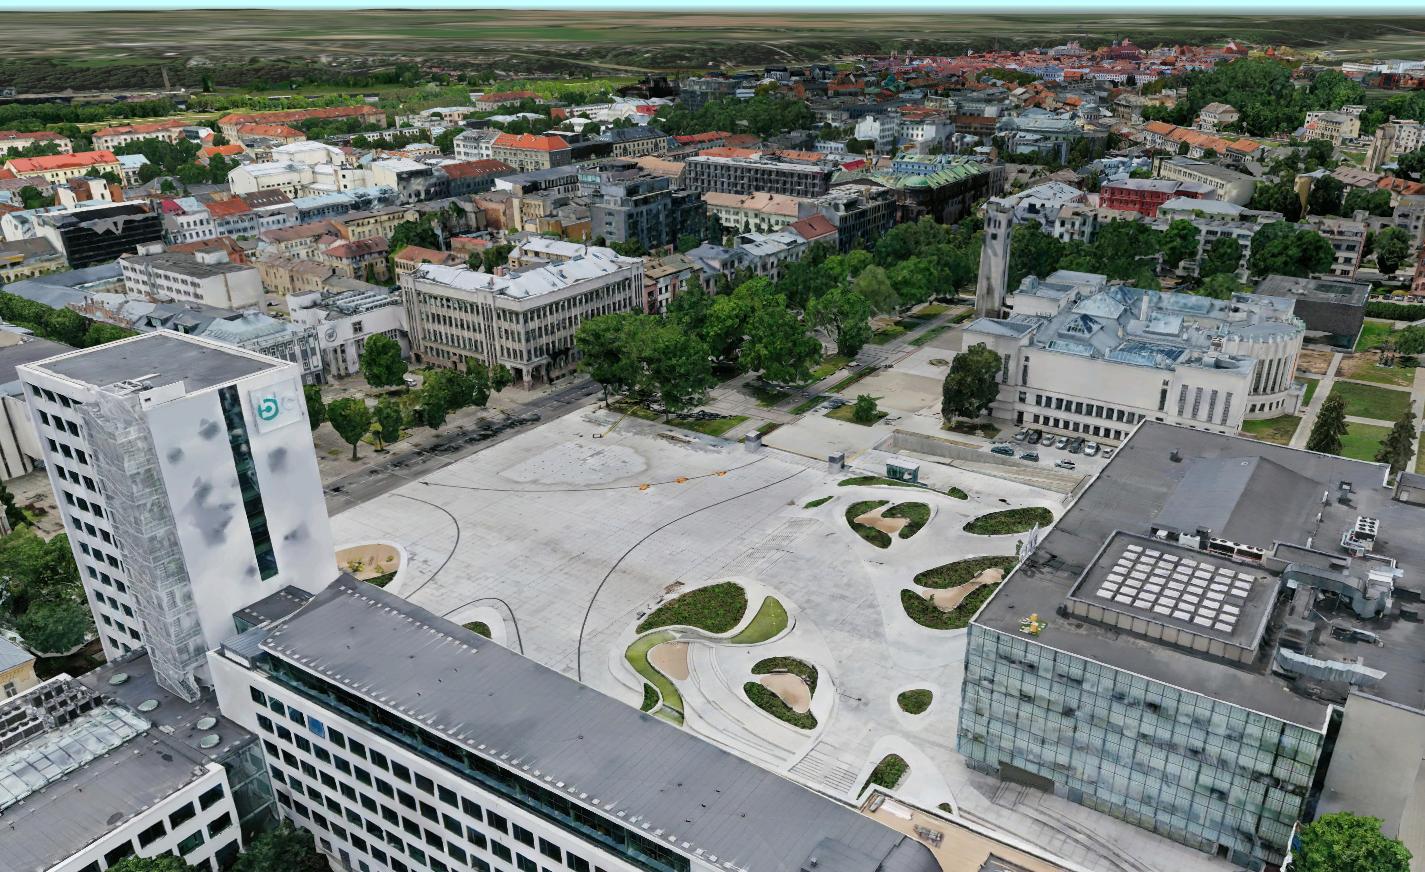 Kauno miesto virtualios kopijos fragmentas – erdvinis modelis.